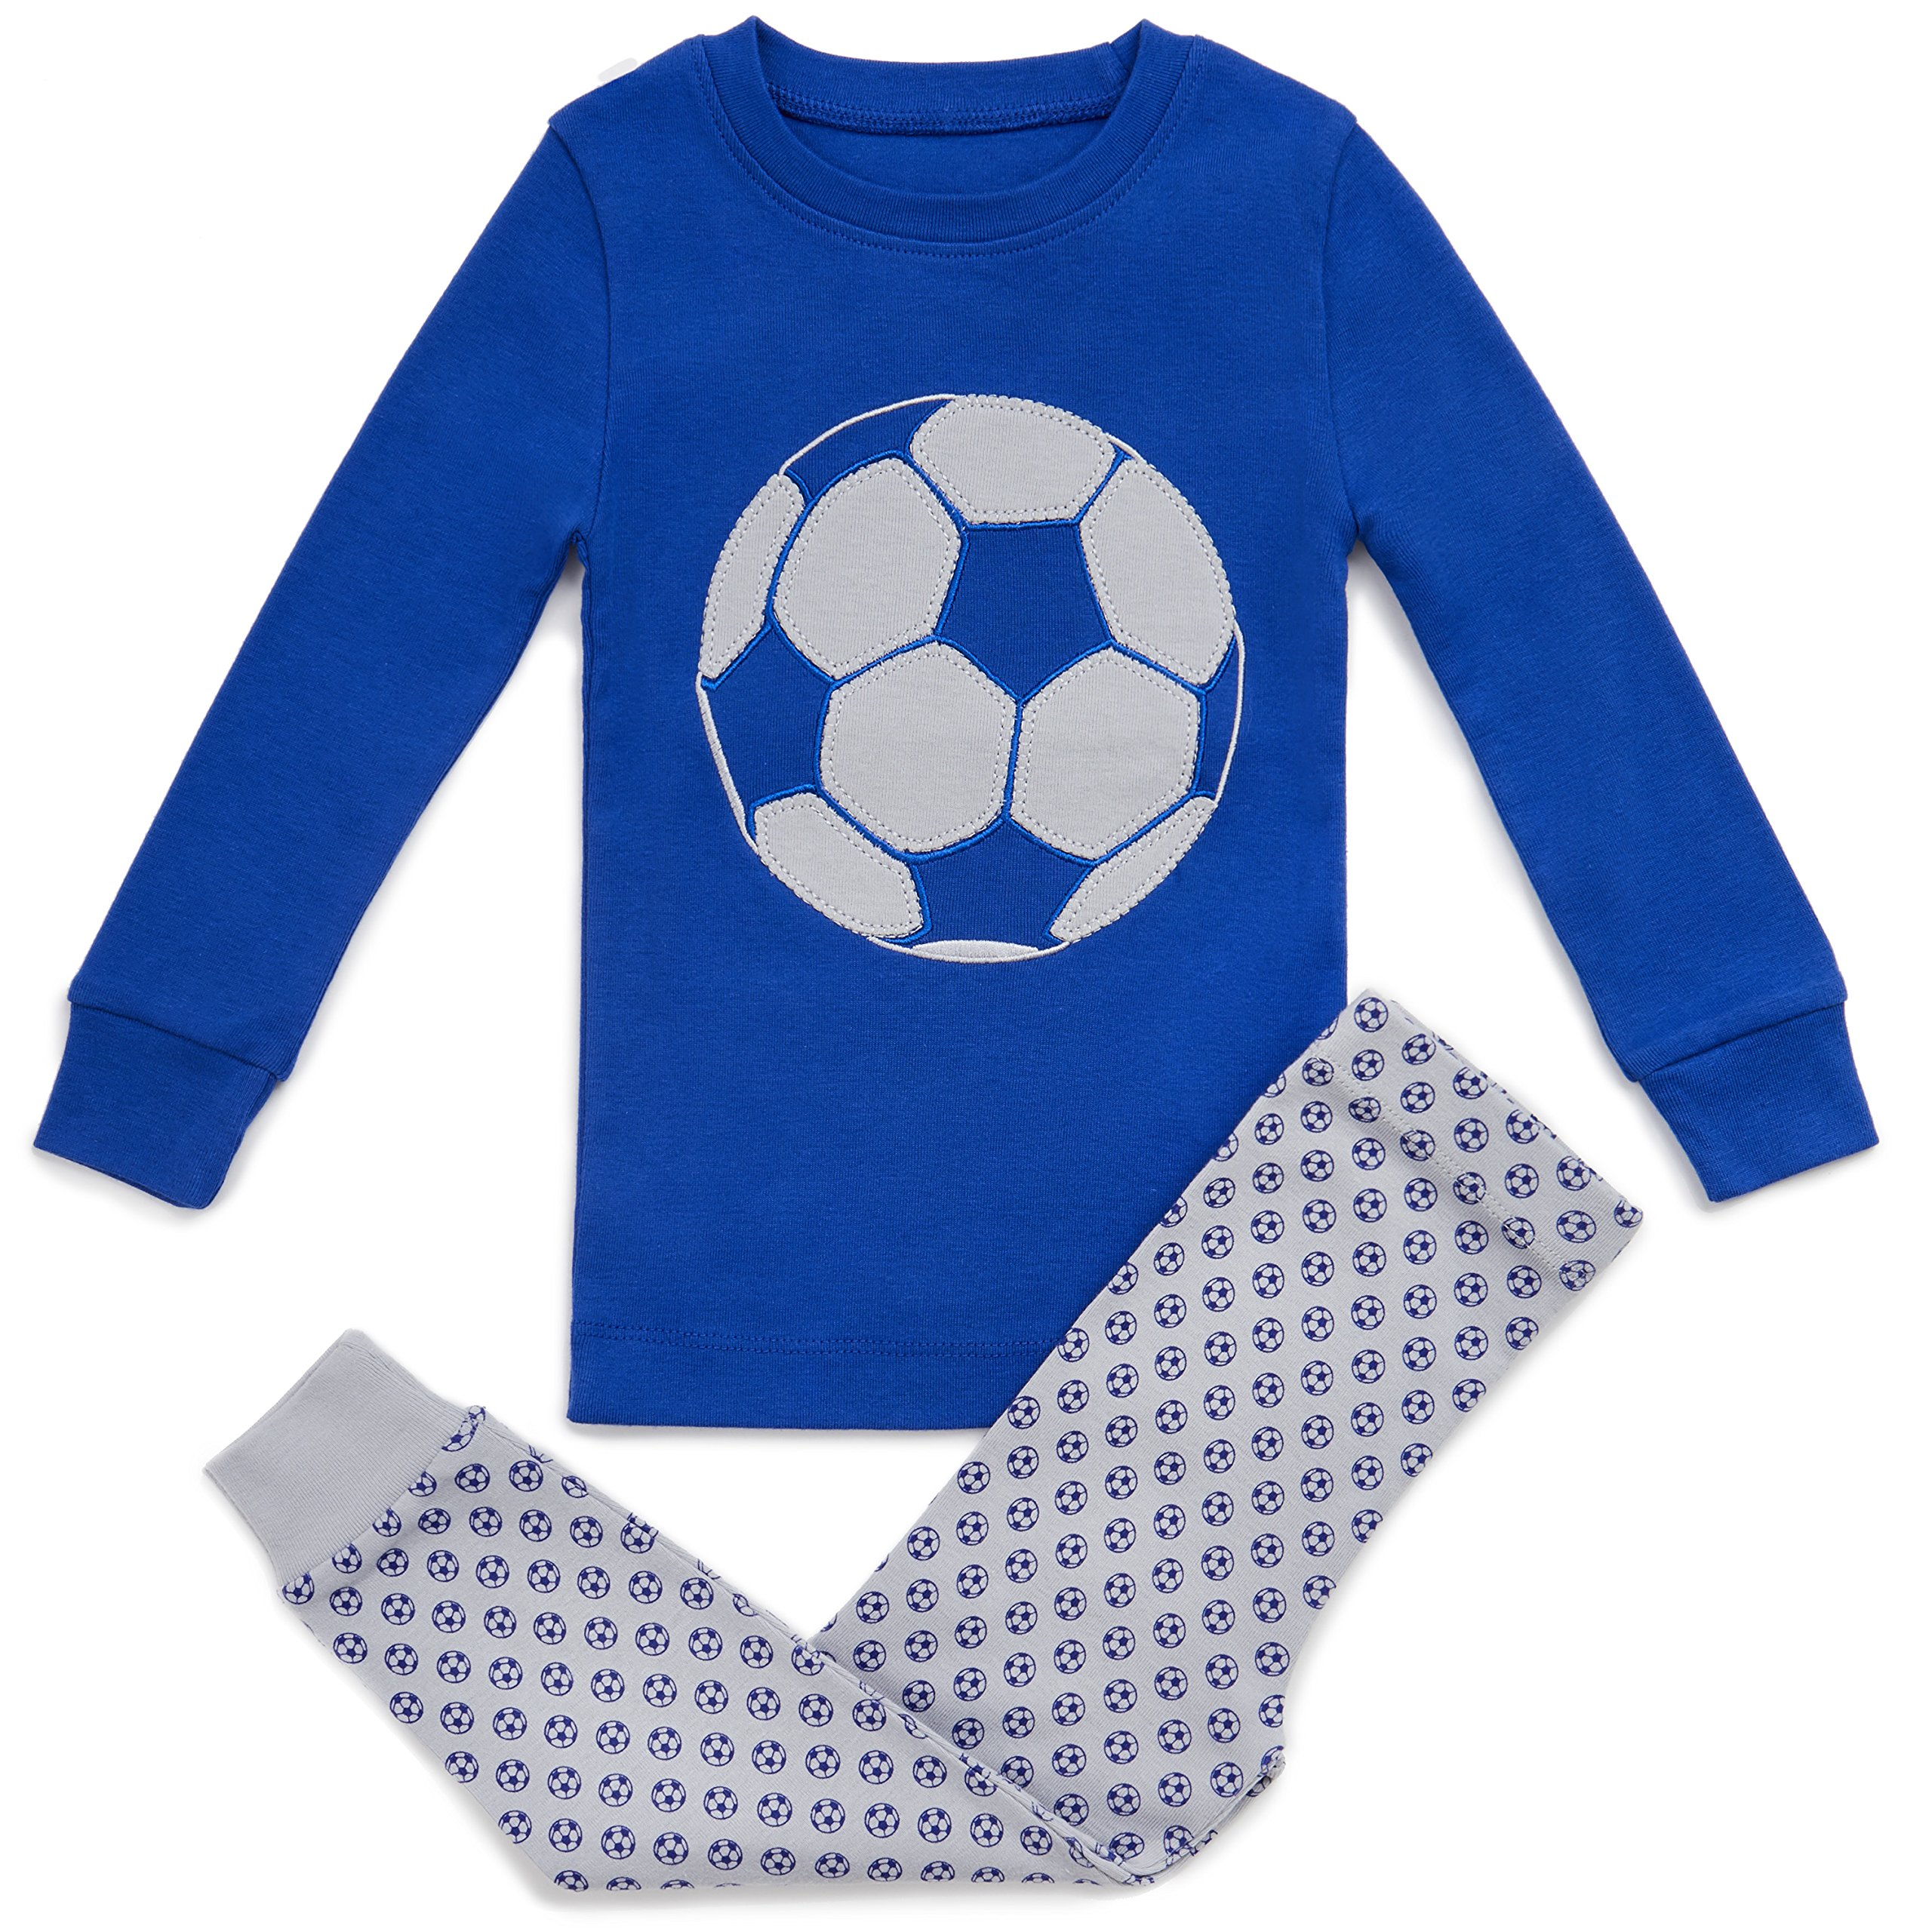 Bluenido Boys Soccer Ball 2 Piece Pajama 100% Super Soft Cotton Blue / Grey (6)